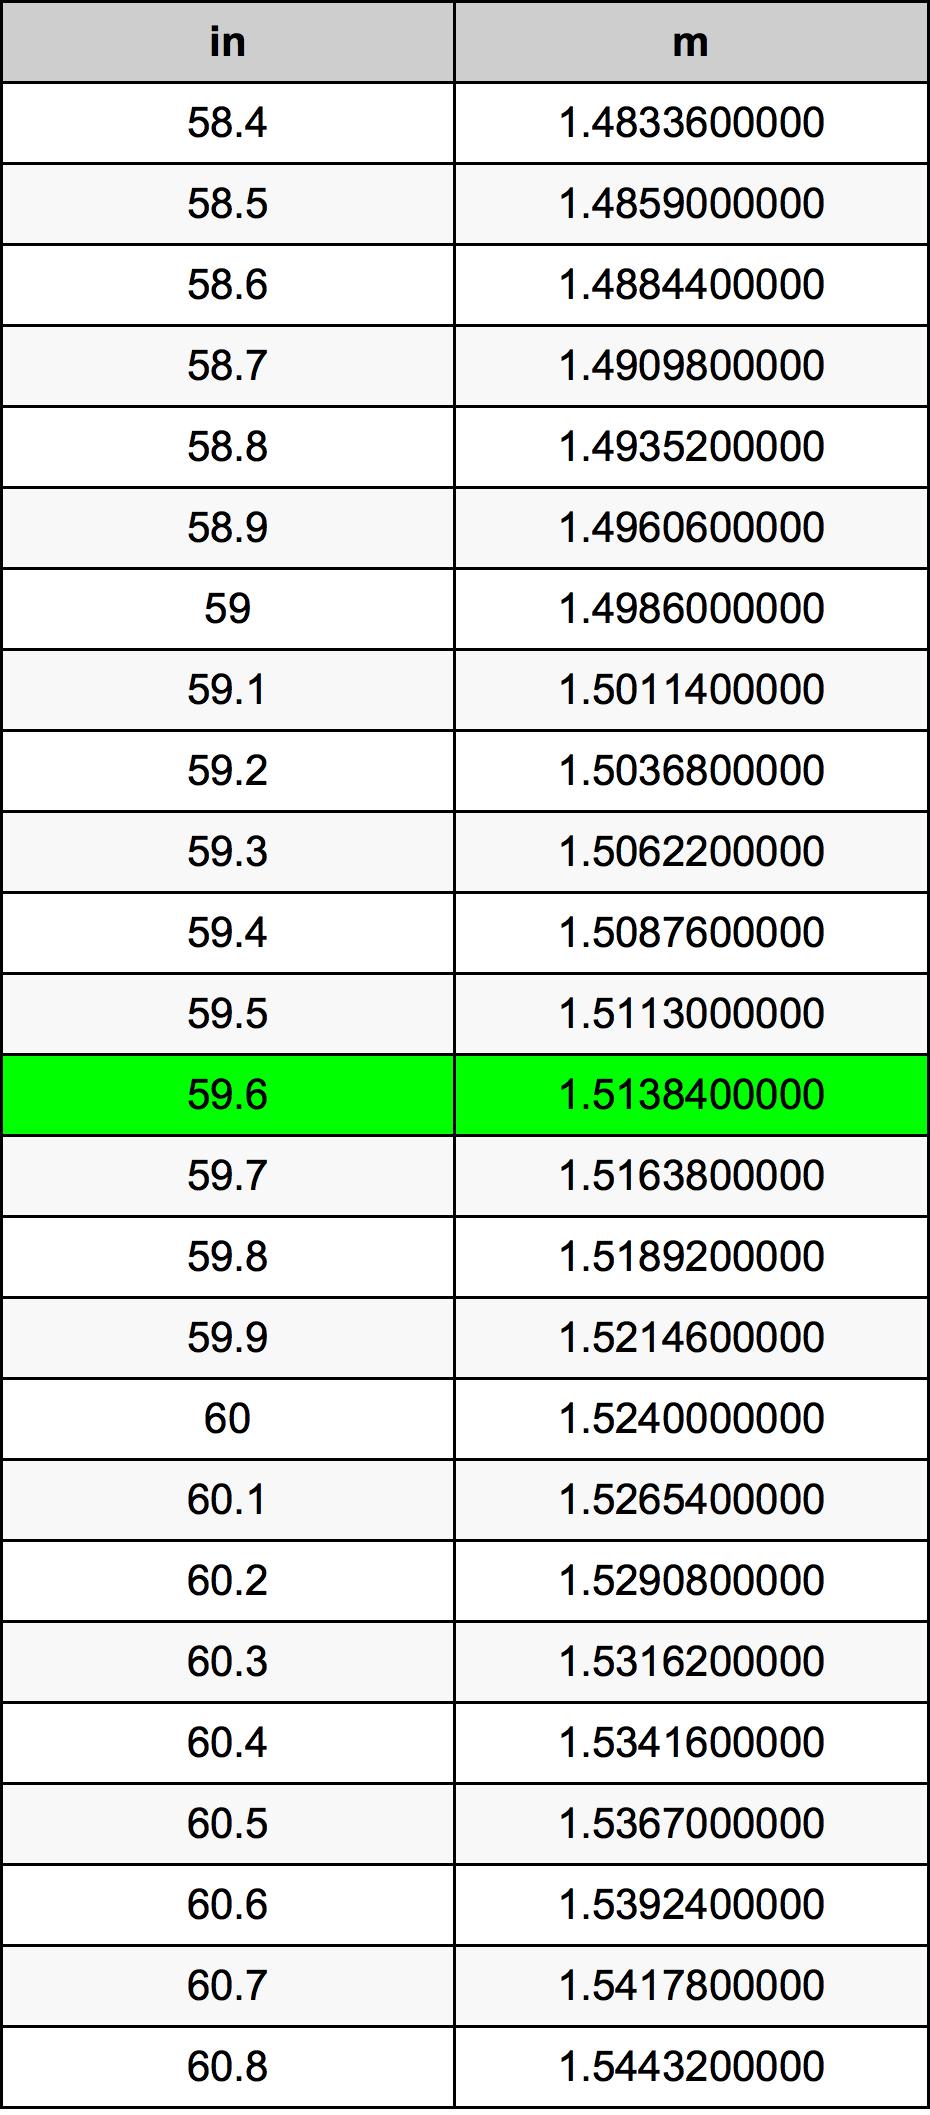 59.6 инч Таблица за преобразуване